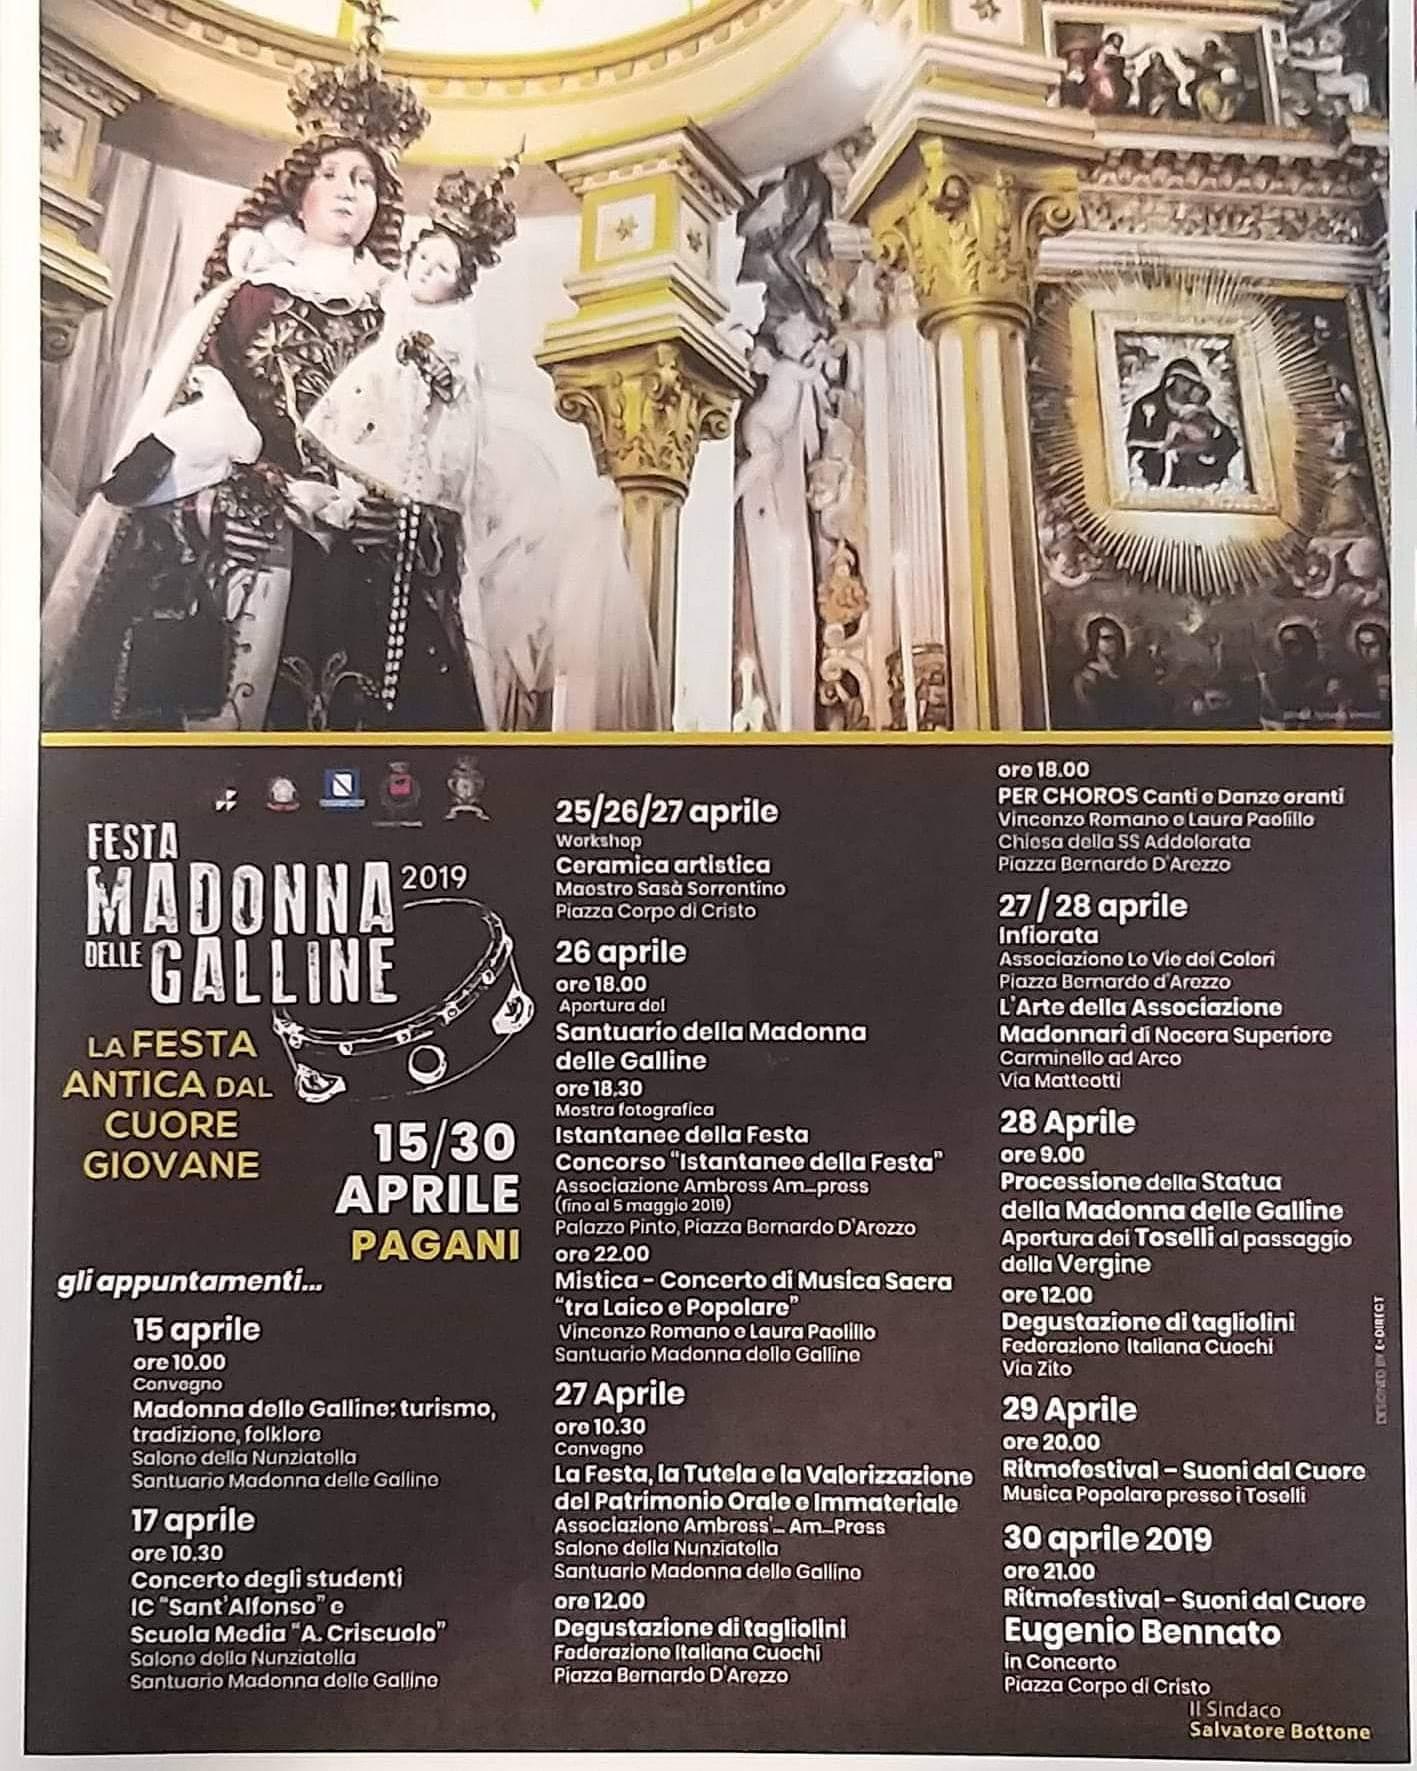 Pagani Madonna delle Galline-2019